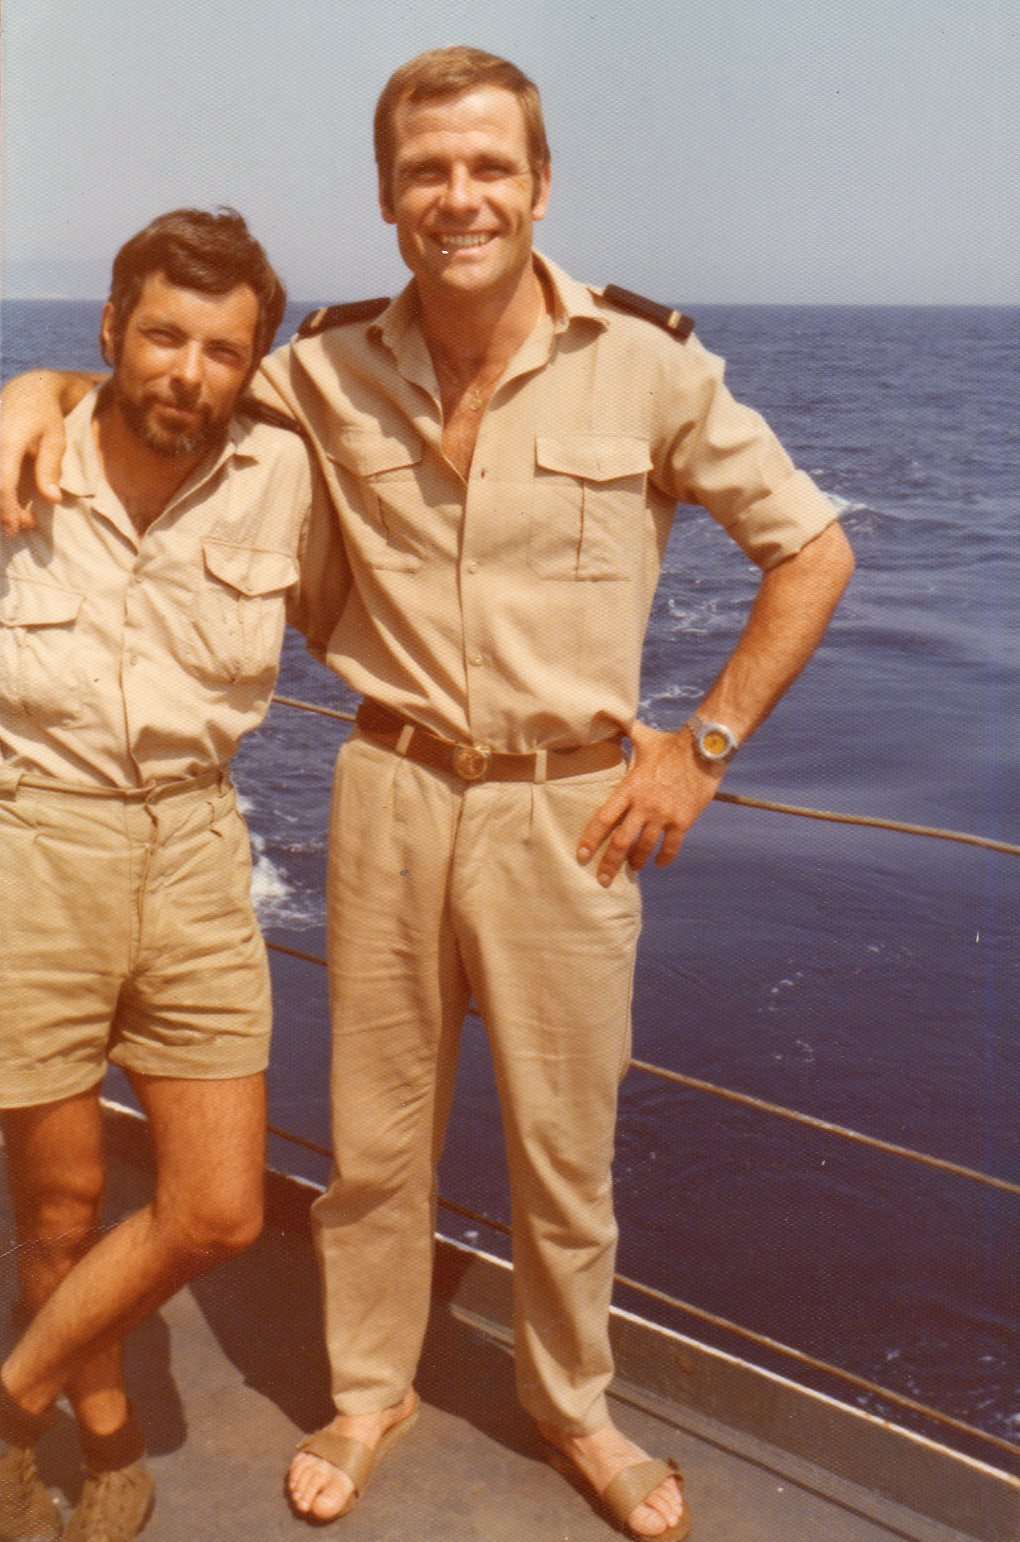 [Plongeurs démineurs] Bâtiment d'Expérimentations et de Recherches Sous-Marines (BERSM) TRITON - Page 4 Triton10